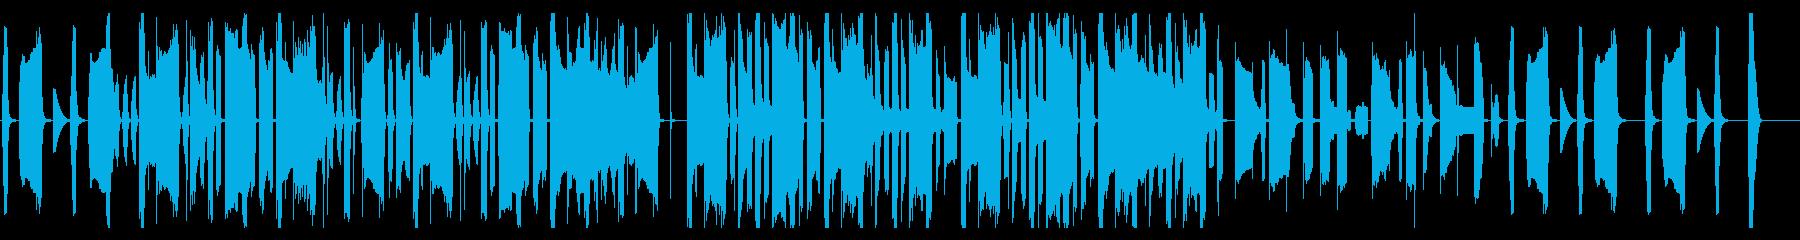 のんきでだらけた感じのほのぼの感 SHの再生済みの波形